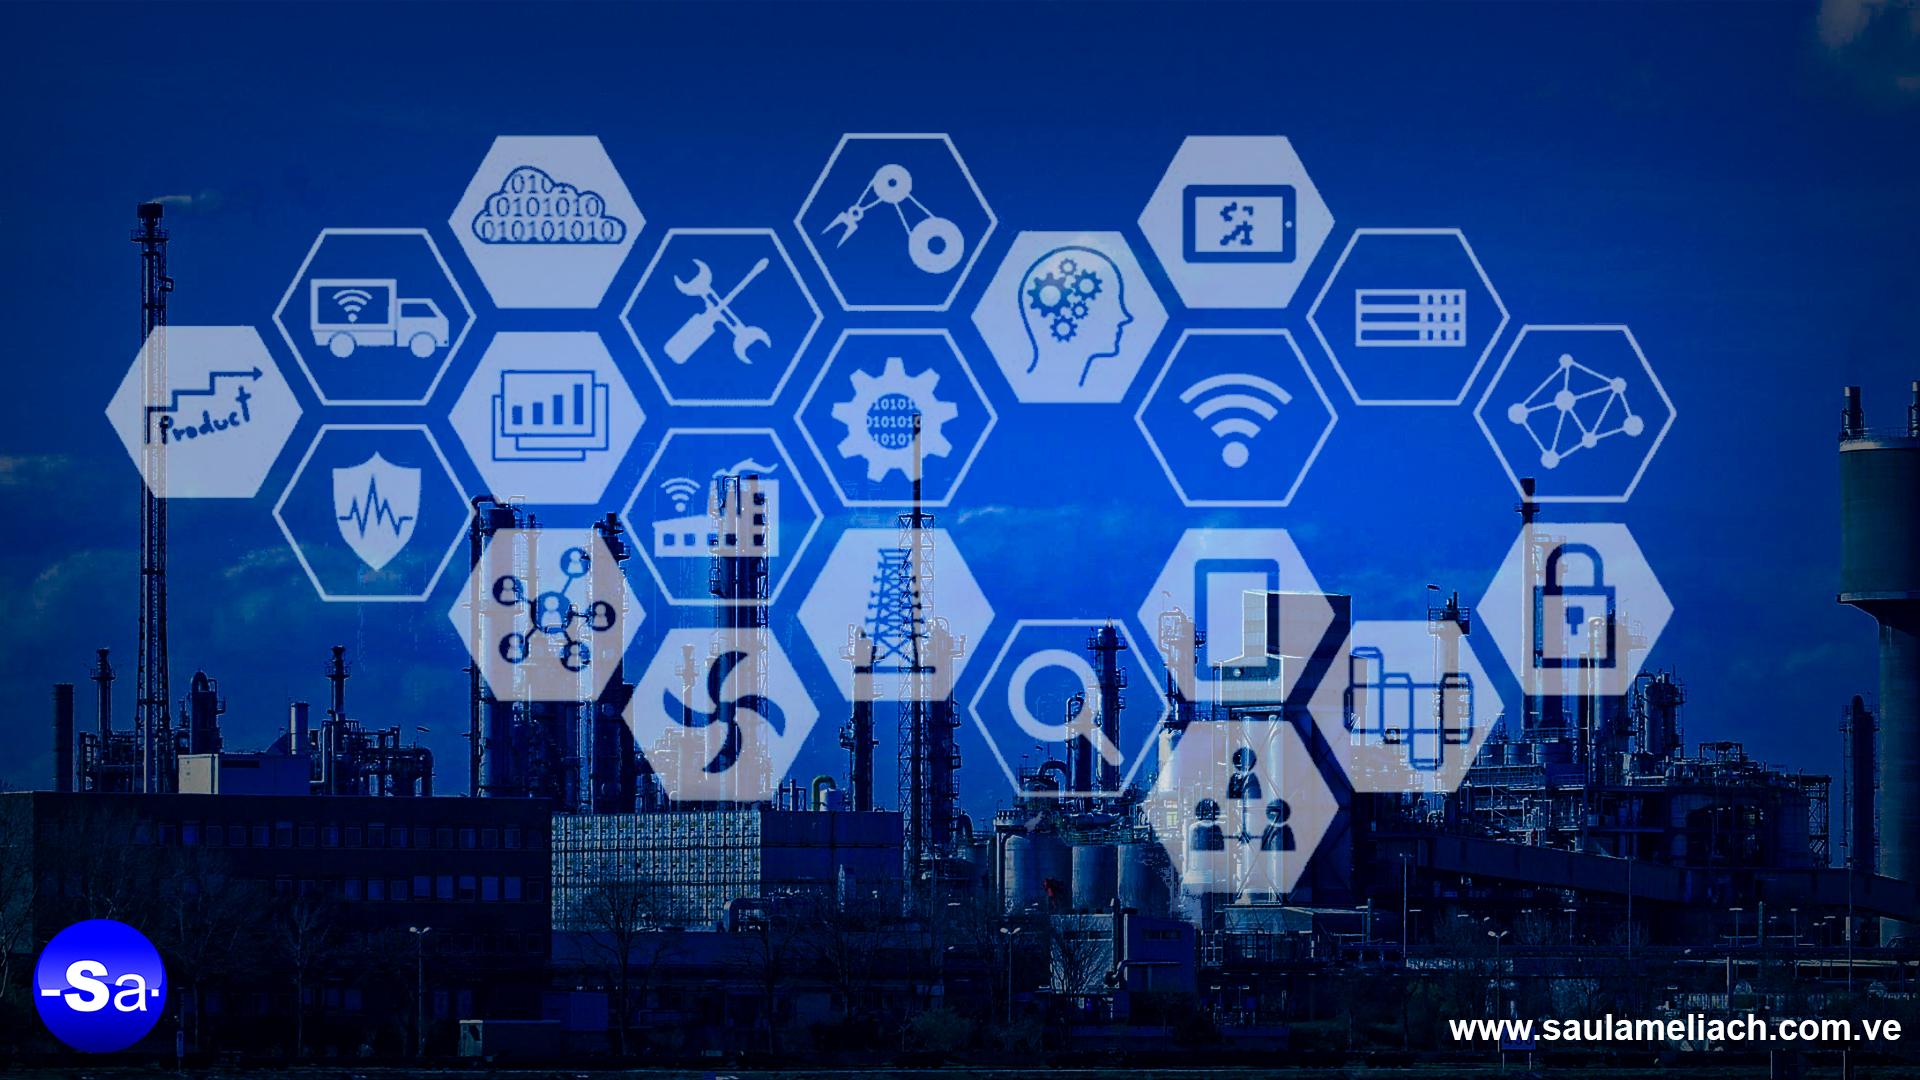 saul-ameliach-industria 4.0-revolución